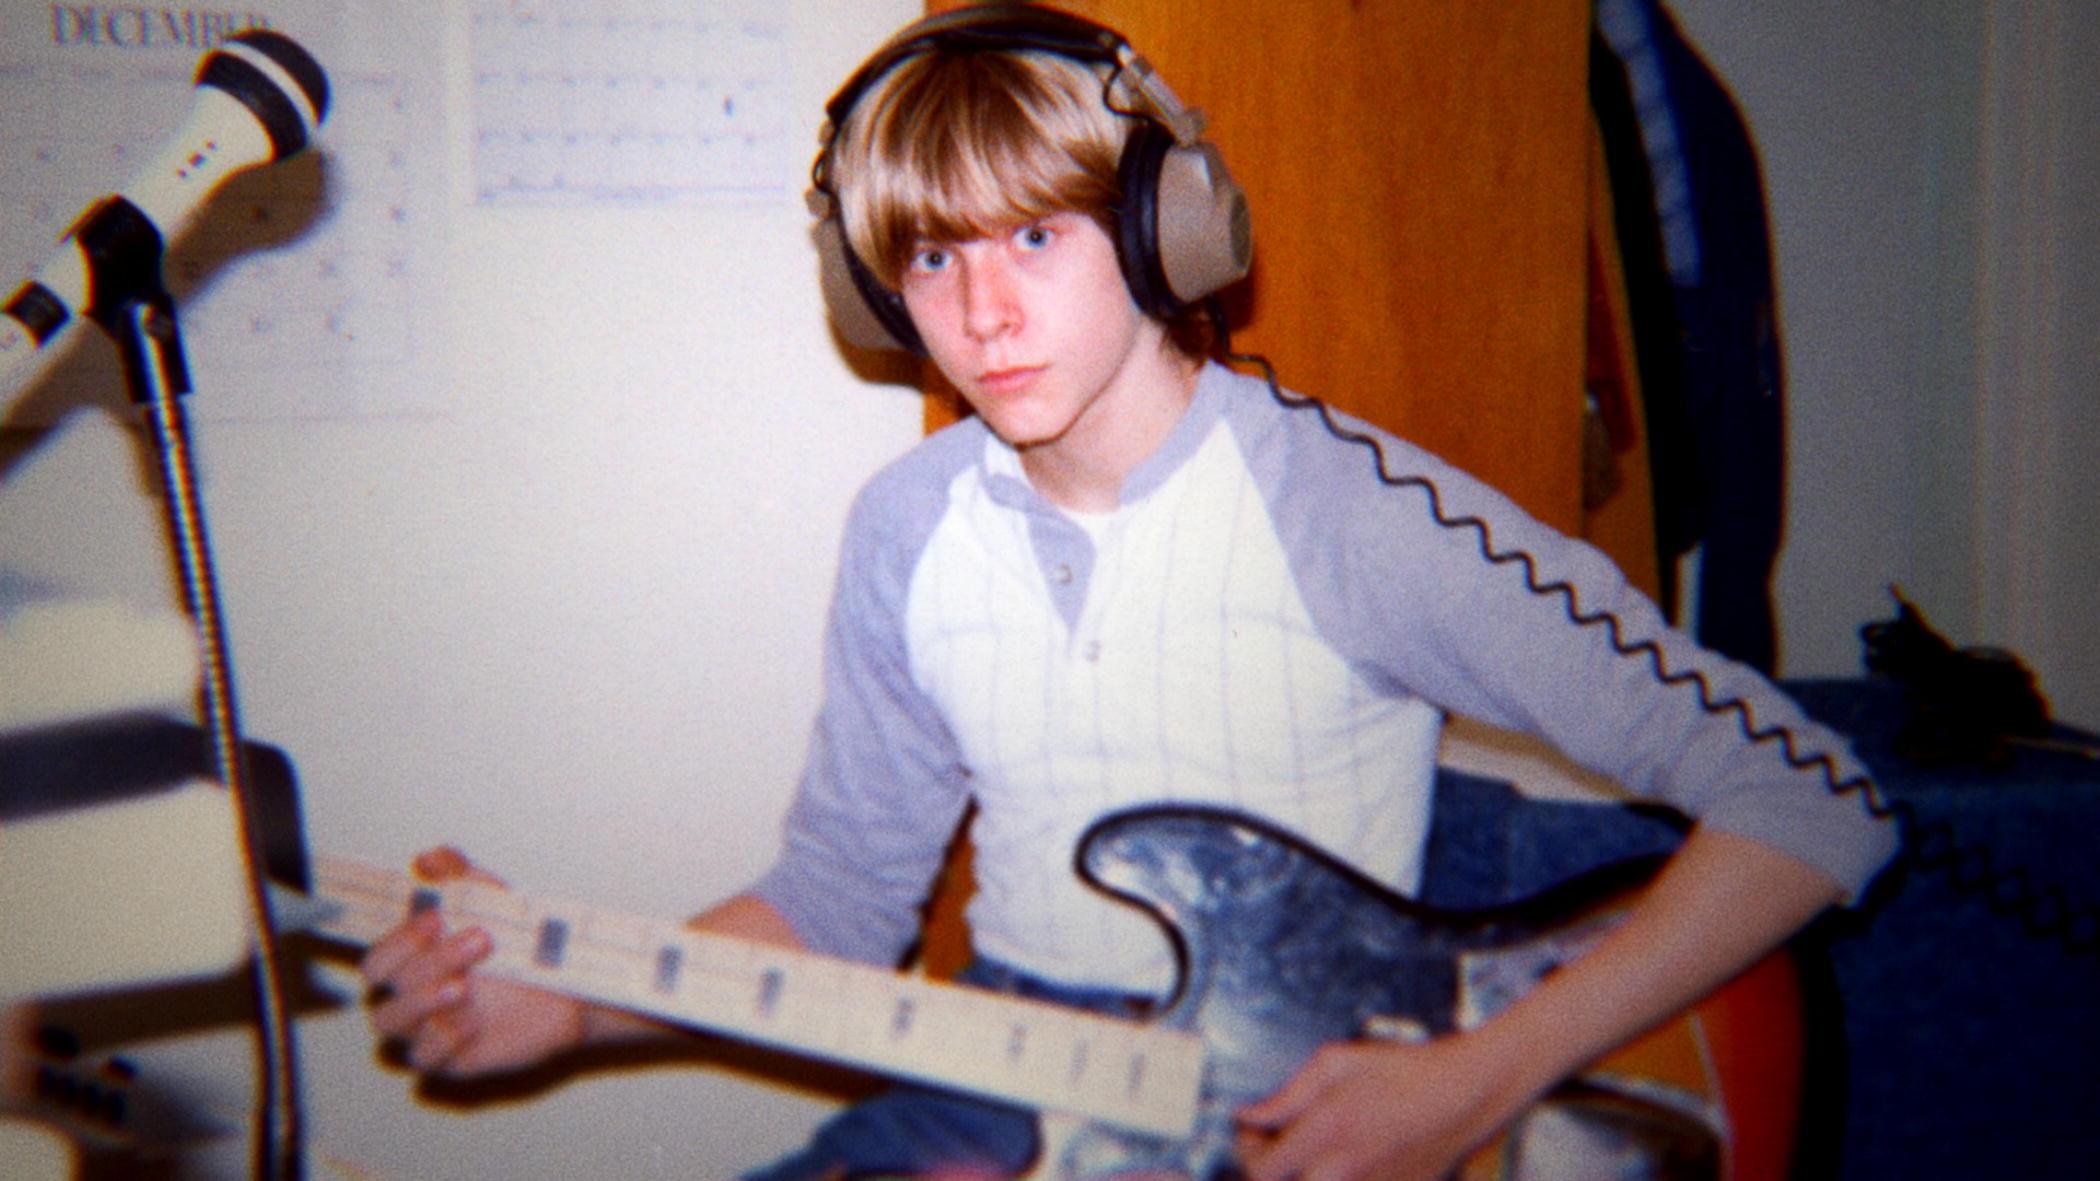 Hoy Kurt Cobain habría cumplido 49 años